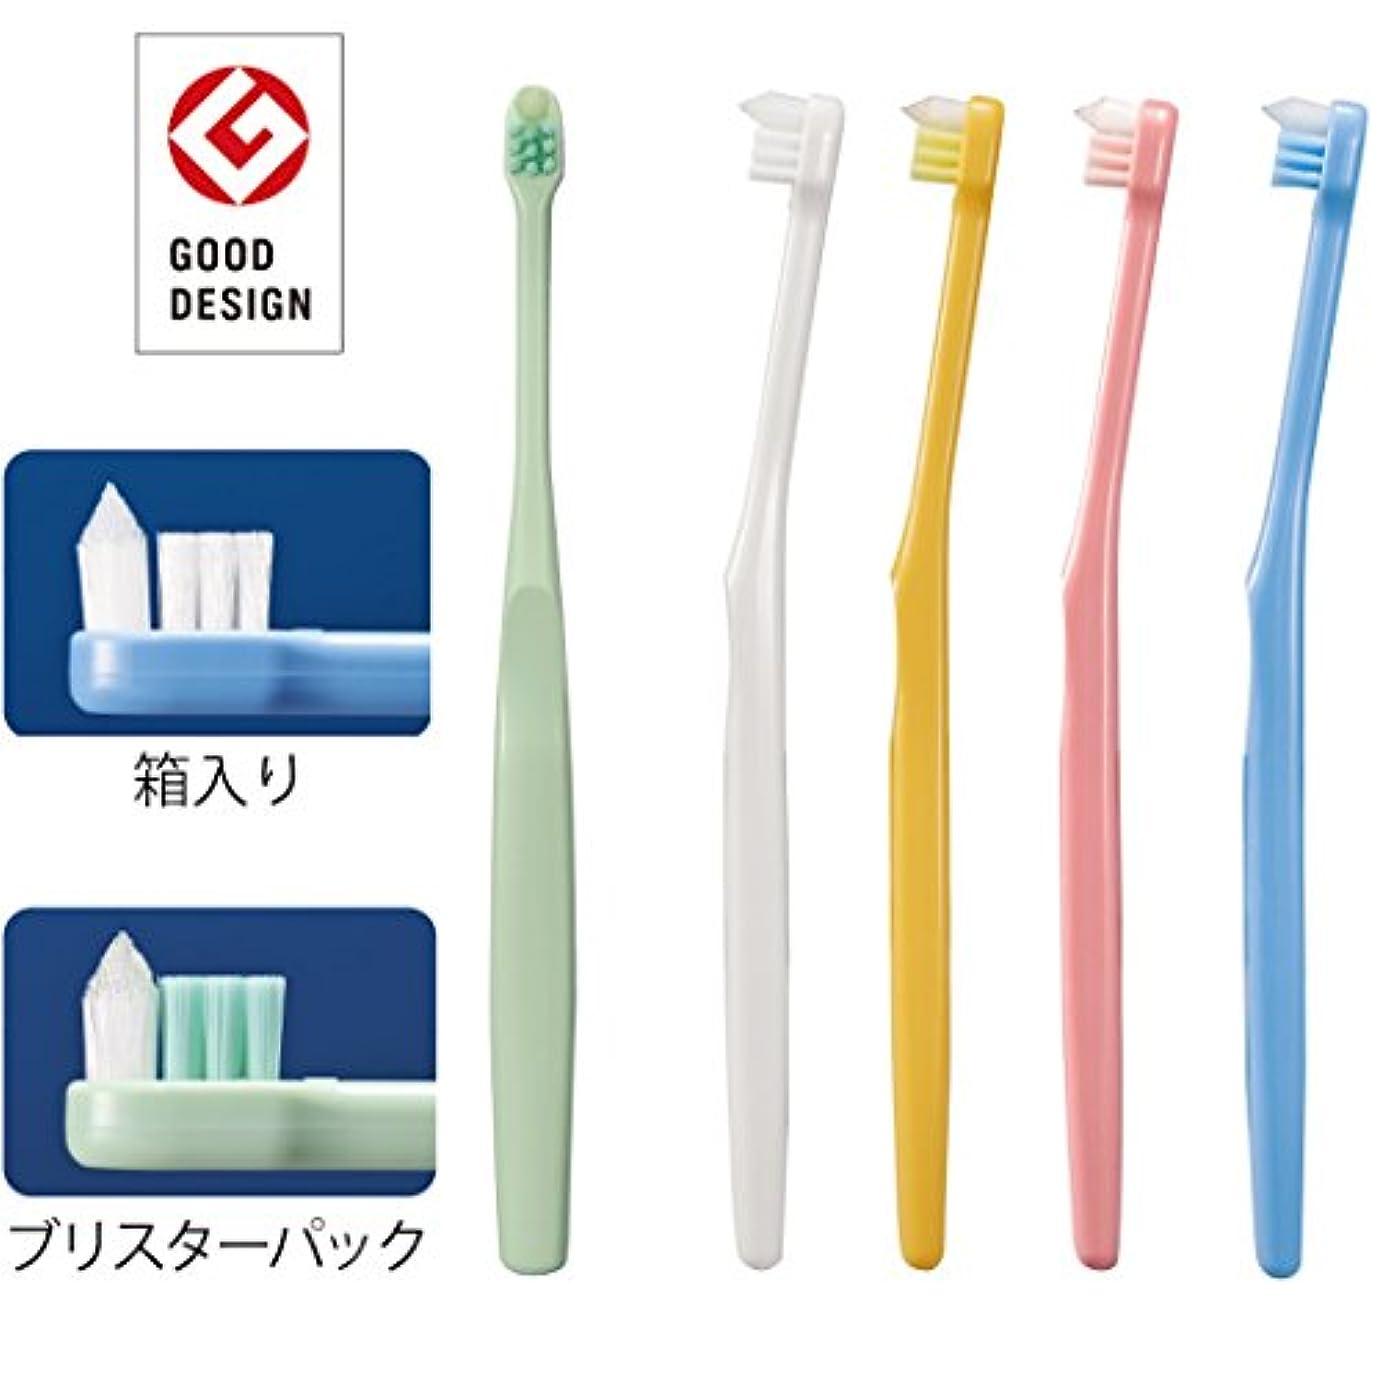 タック活力ファックス歯科医院専売 Ci ネオタフト M(ふつう) 6本 4色アソート